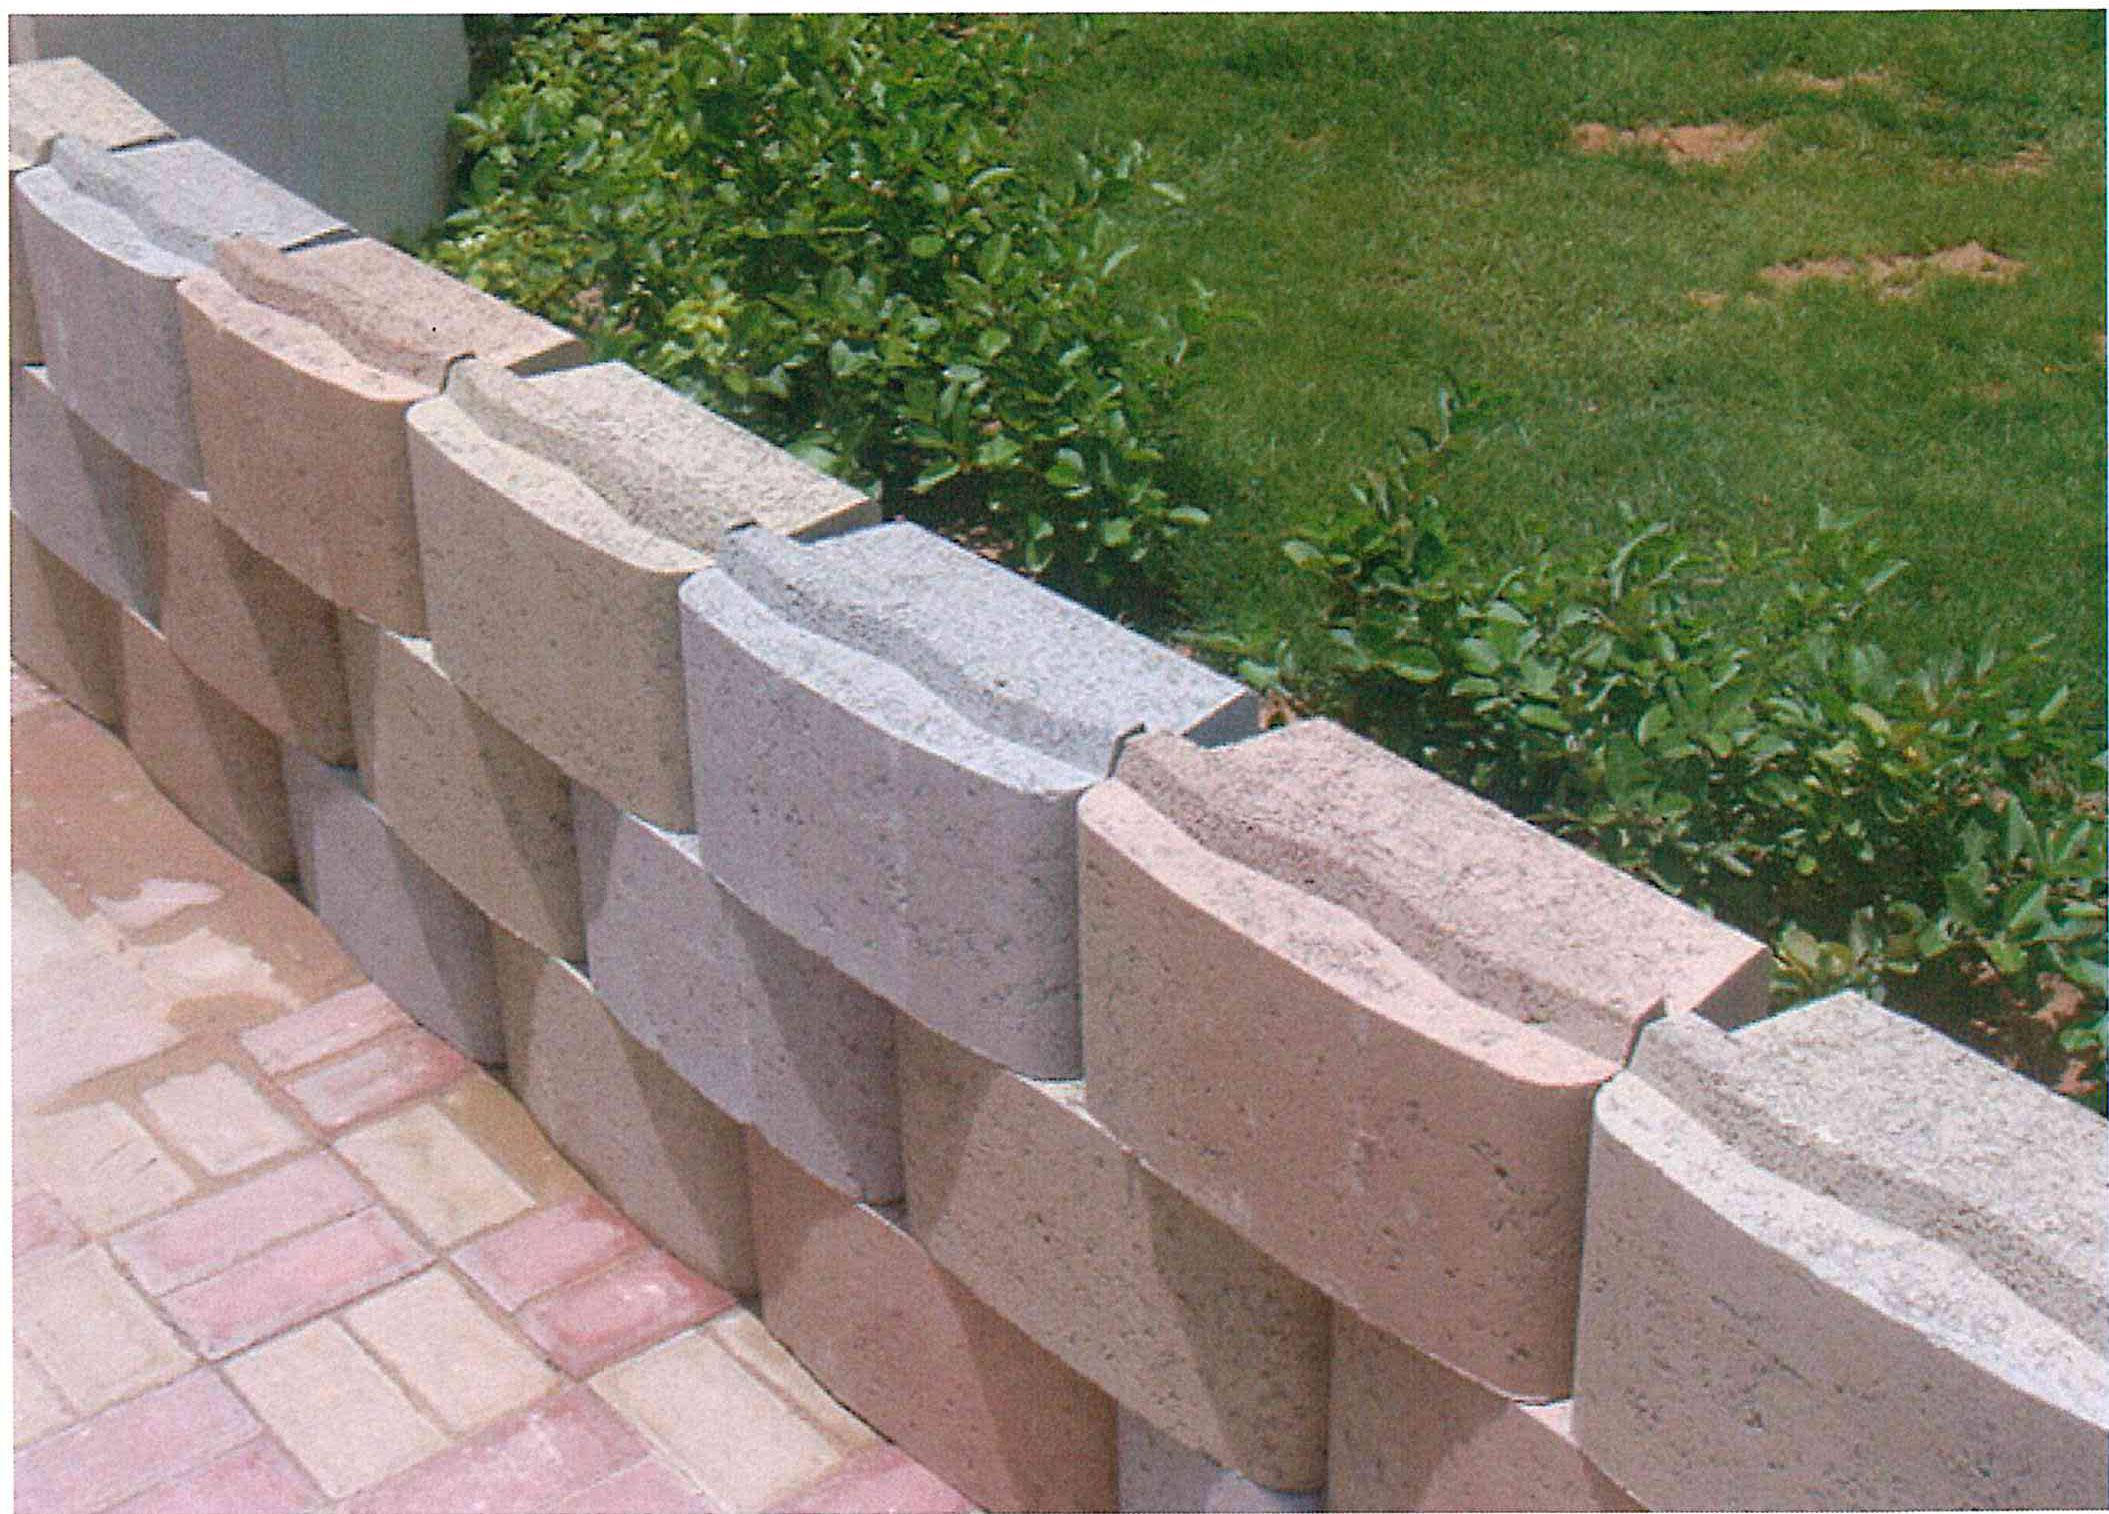 Tensar Modular concrete blocks manufacture in Dubai, UAE - EMCON